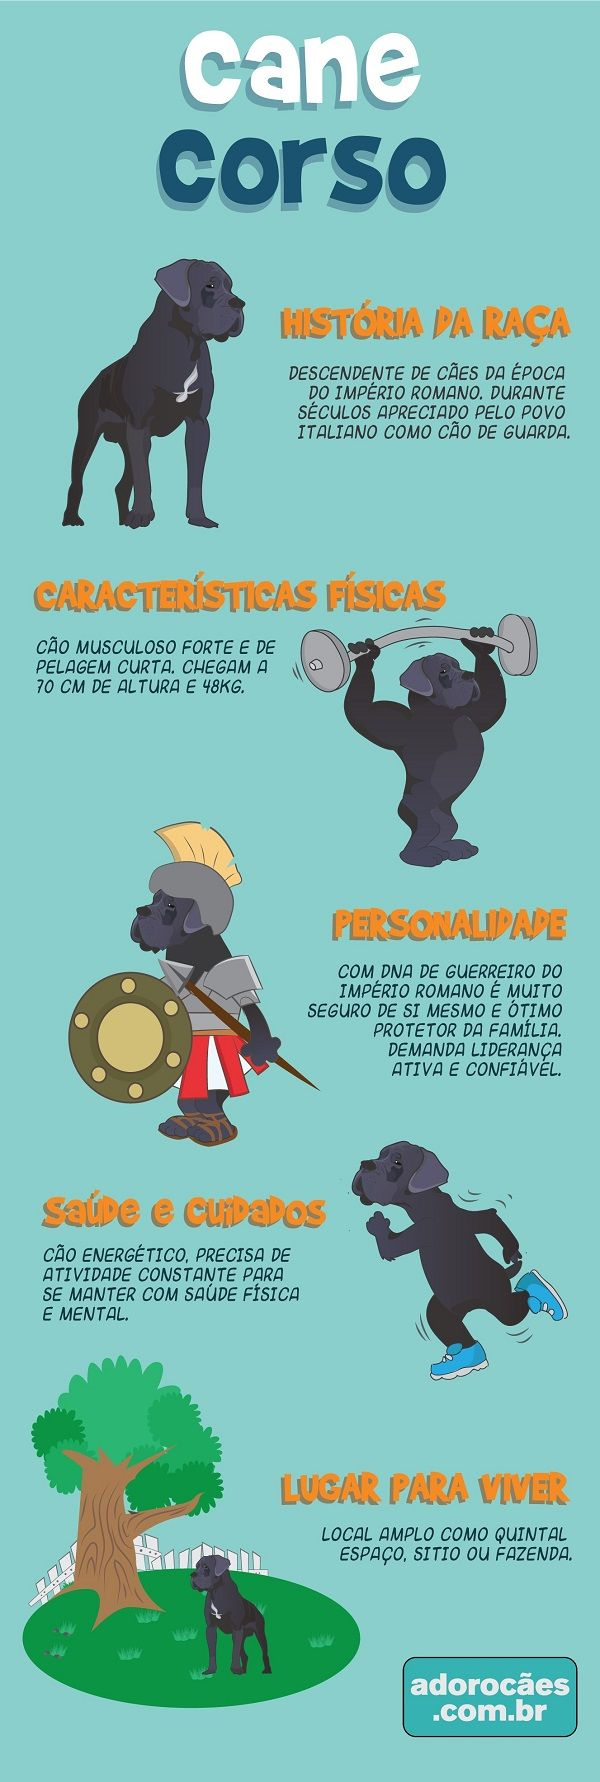 Cane Corso: história da raça, características físicas, personalidade, temperamento, saúde e cuidados, lugar para viver